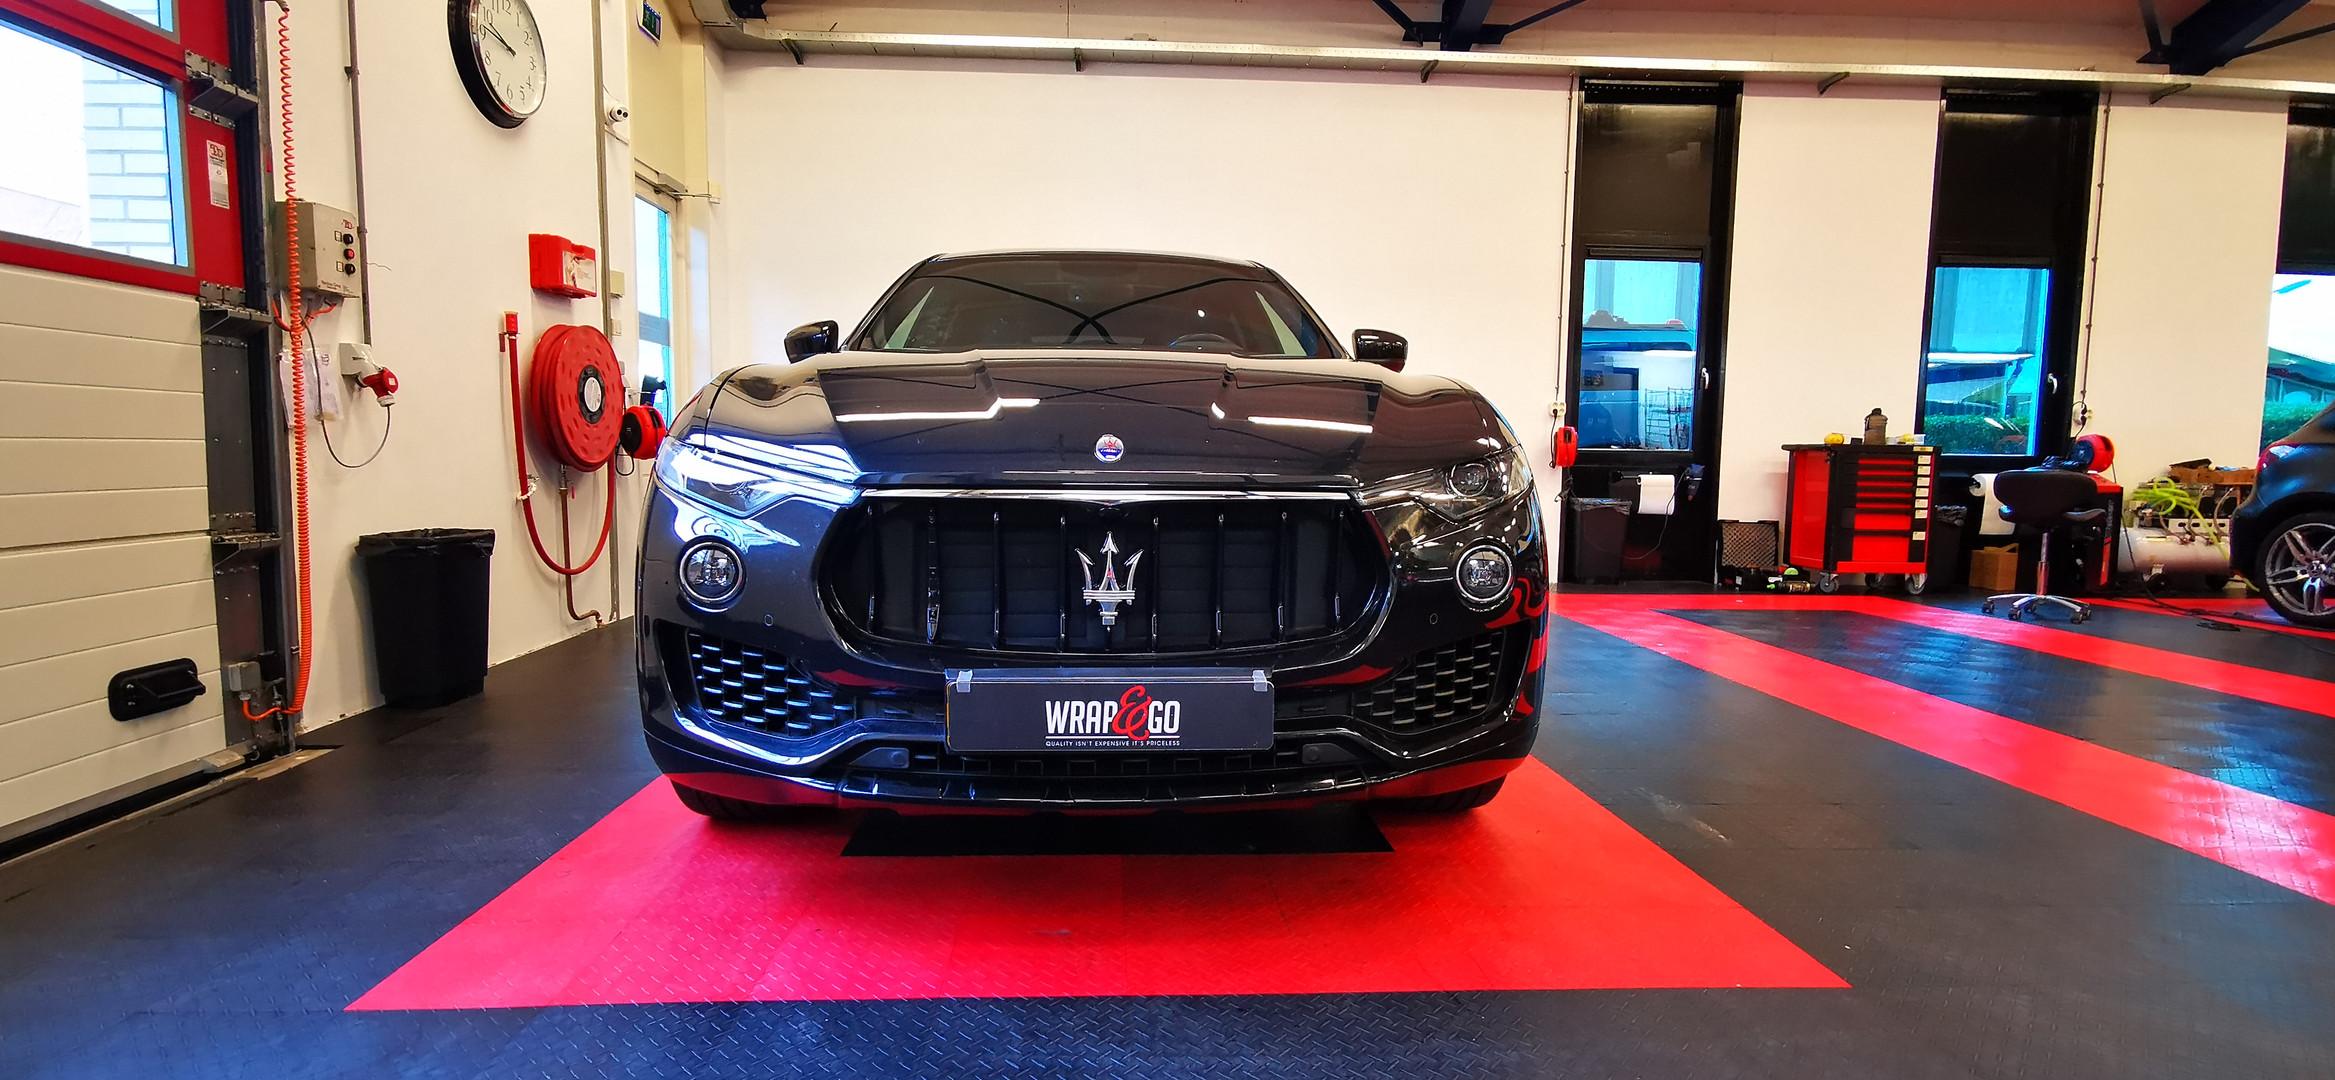 92 - Maserati Levante